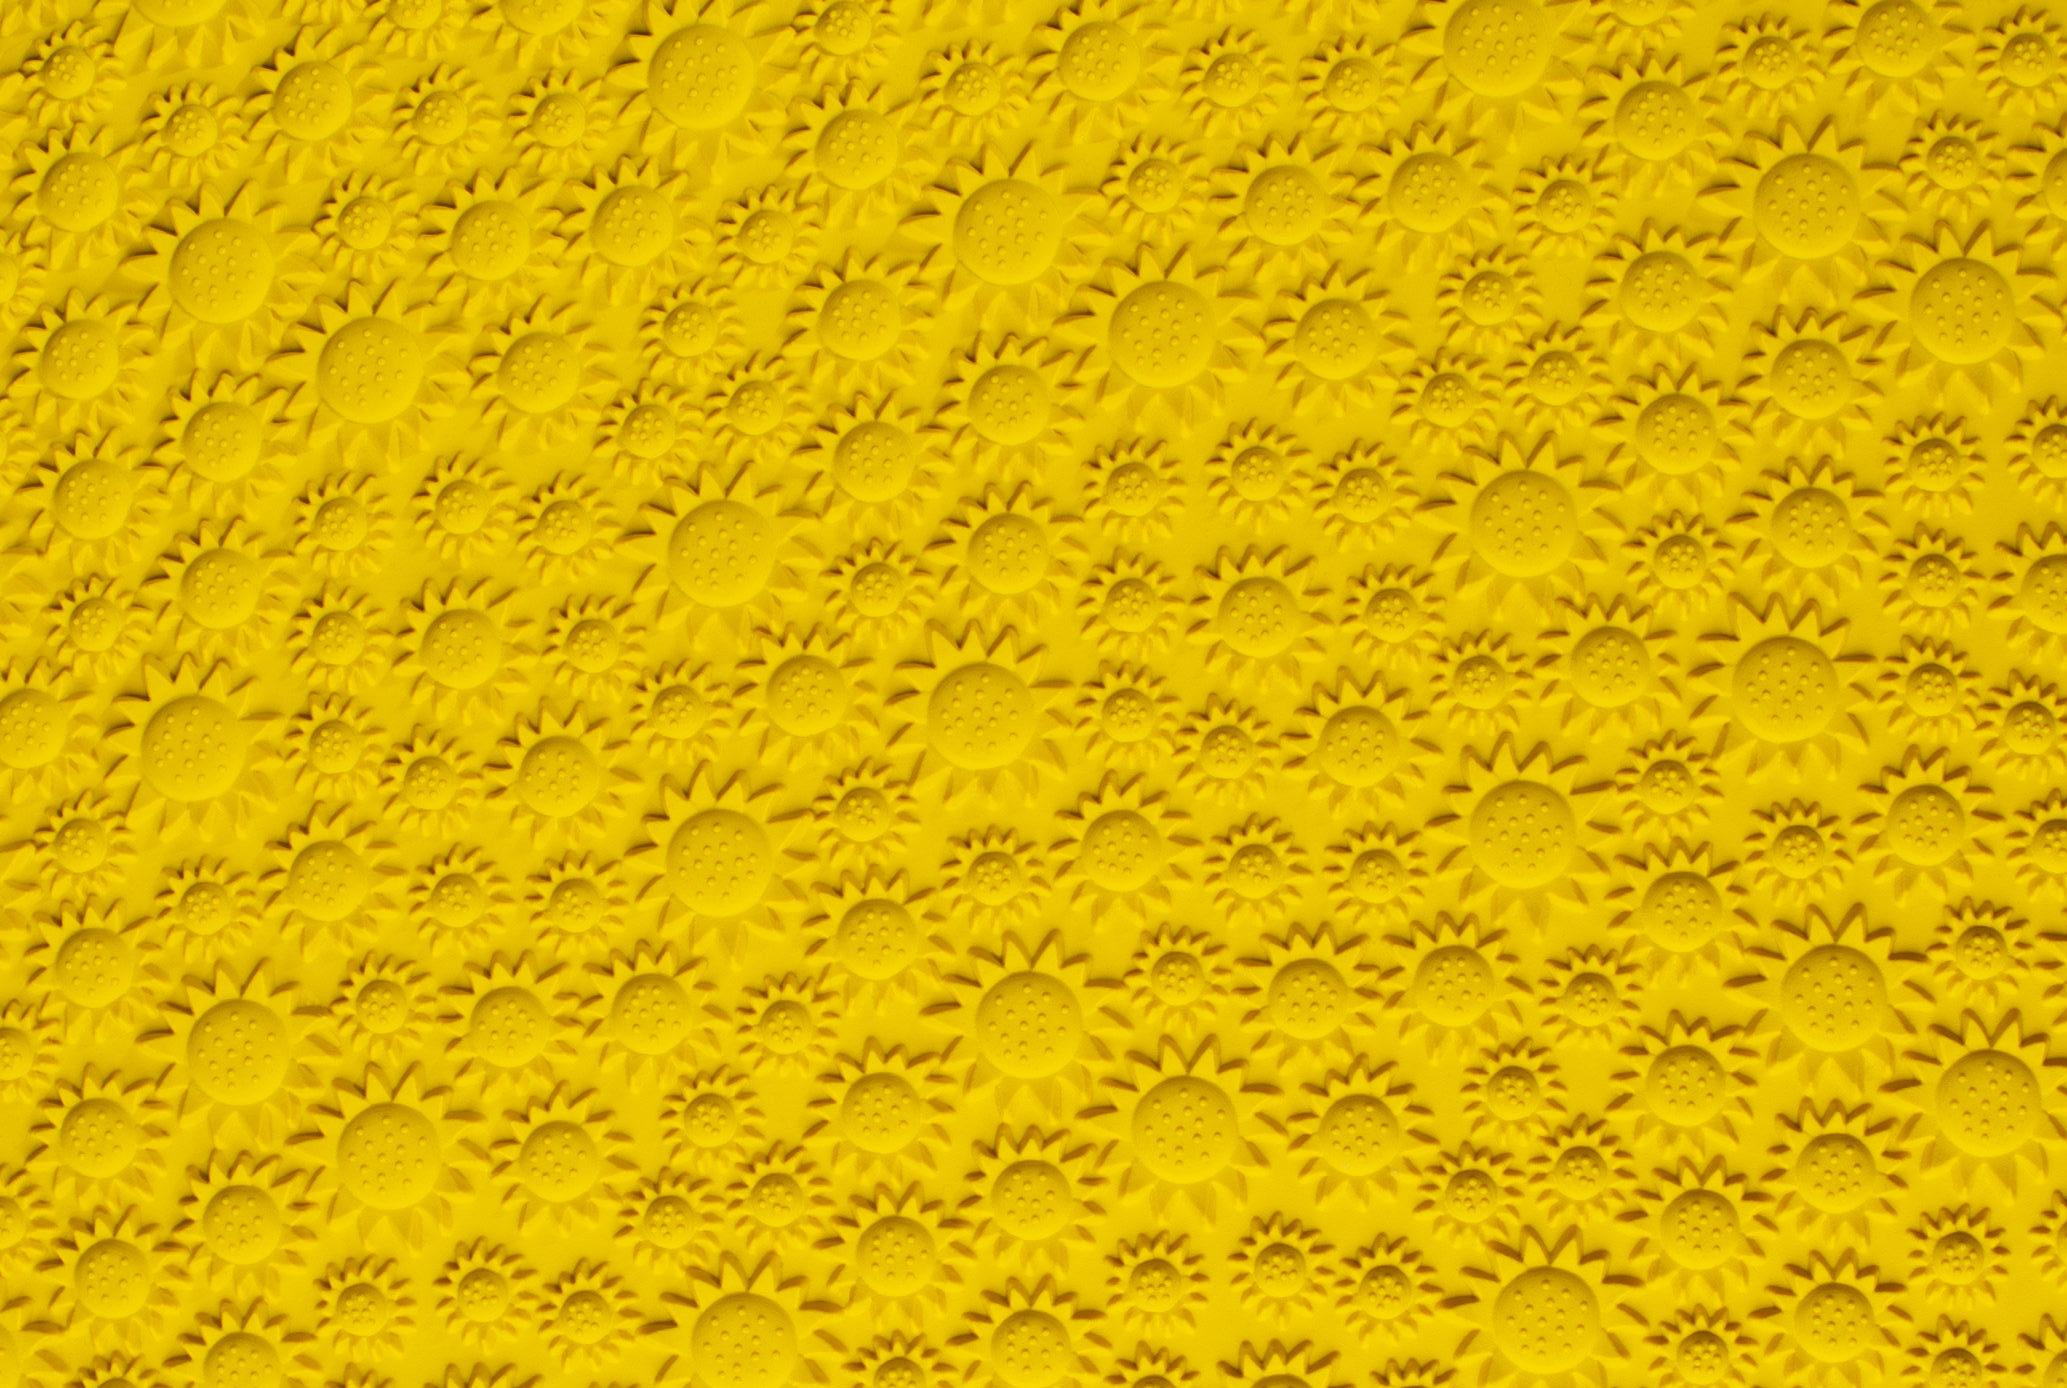 nora Astro Schuhsohle mit Sunflower Profil | Sonnenblumen-Profil